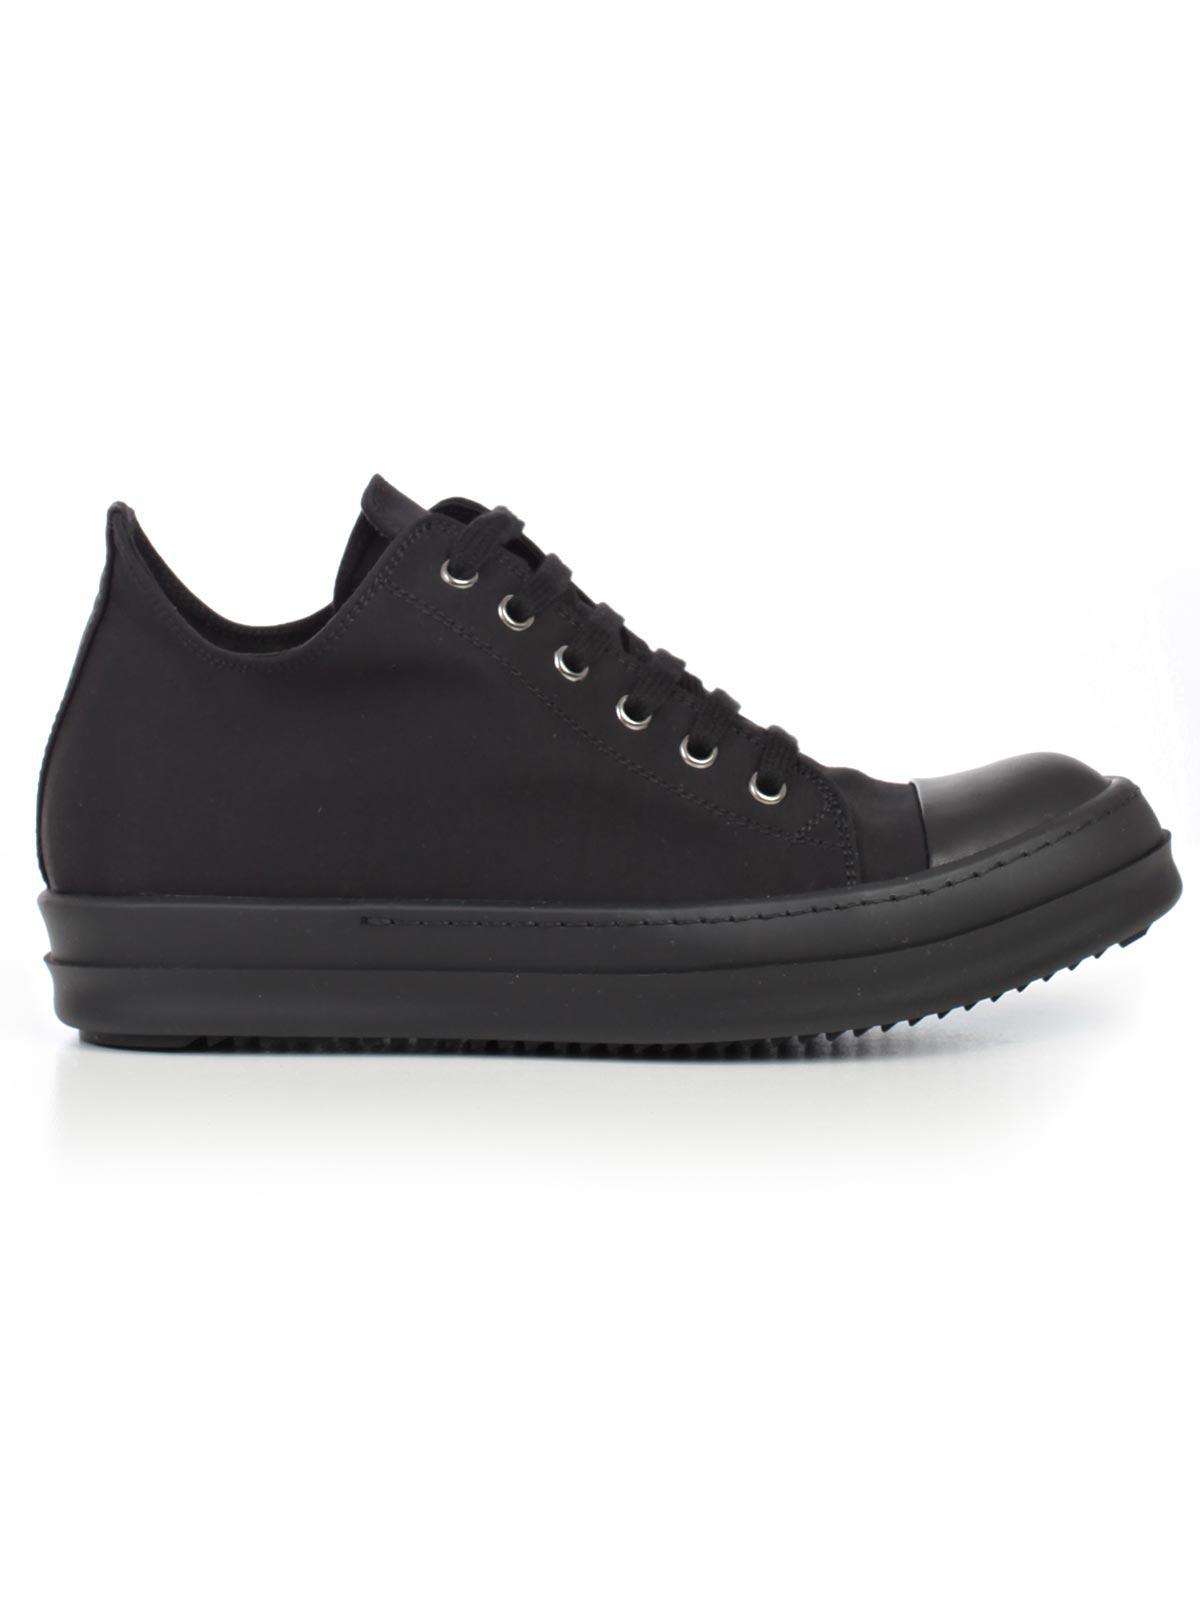 84571cdda94 Lyst - Rick Owens Drkshdw Scarpa Sneakers in Black for Men